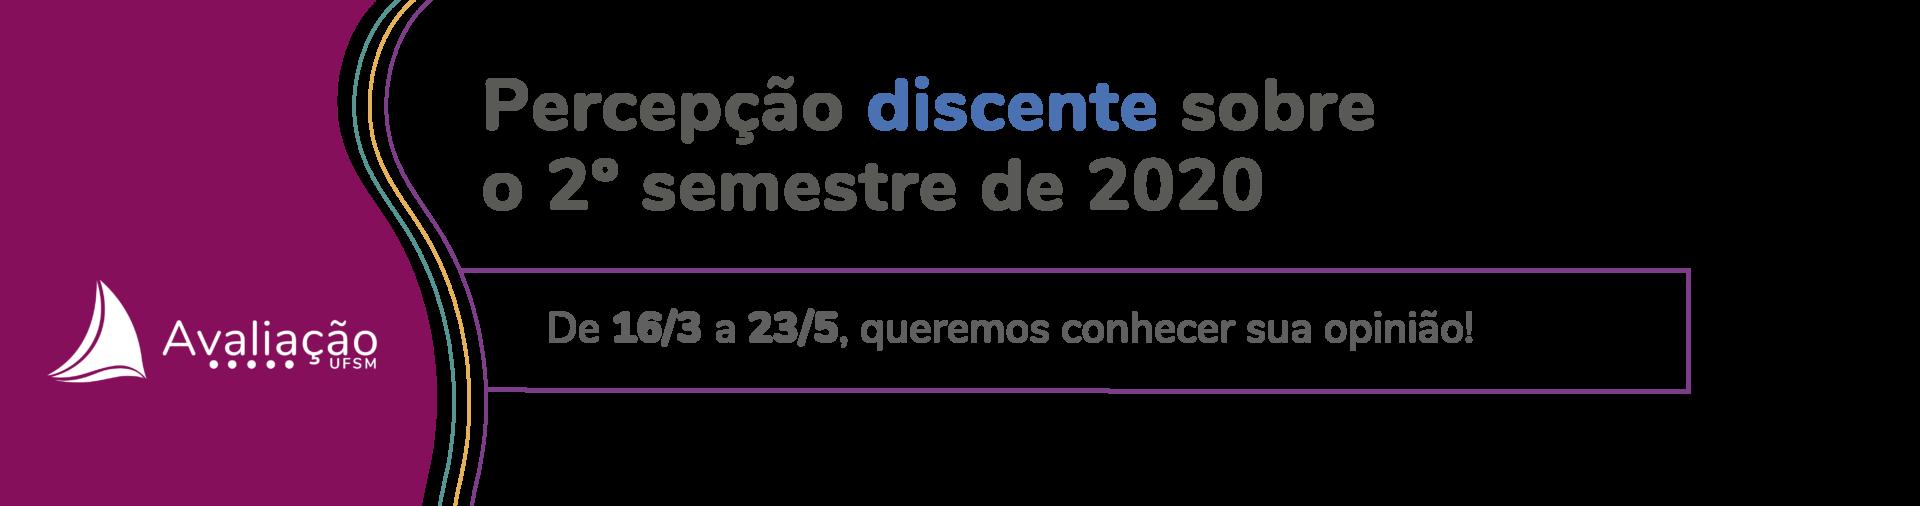 Banner Percepção Discente - Data Atualizada